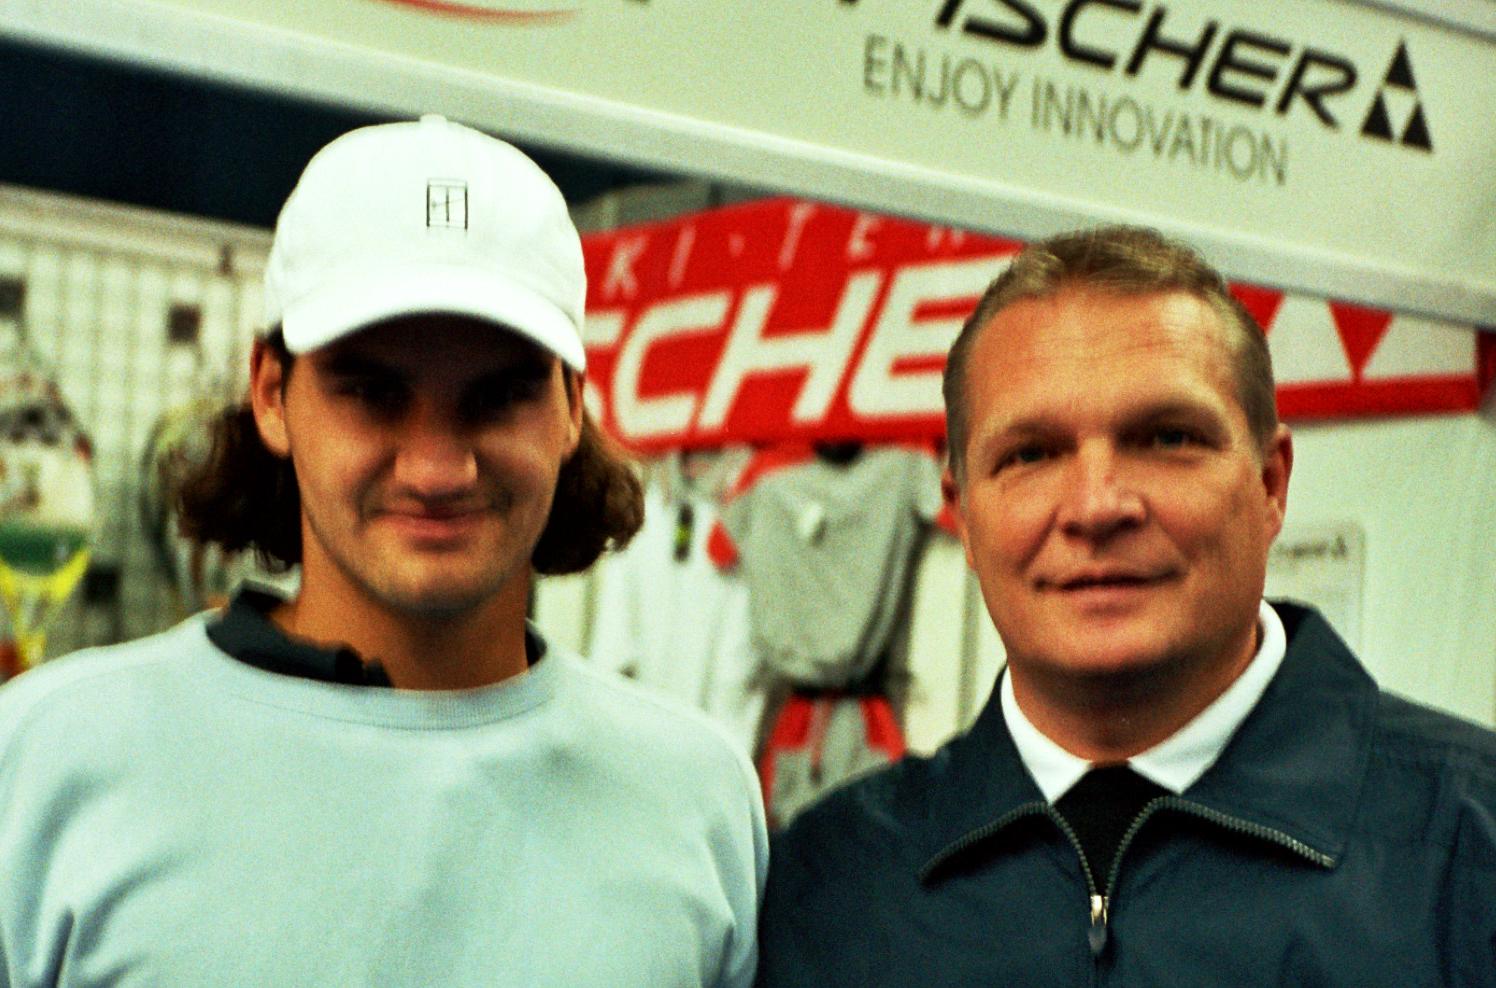 Федерер Роджер (Швейцария) Победитель Кубка Кремля в парном разряде и Минкевич Анатолий (Россия) Судья турниров ATP-Tour 2002